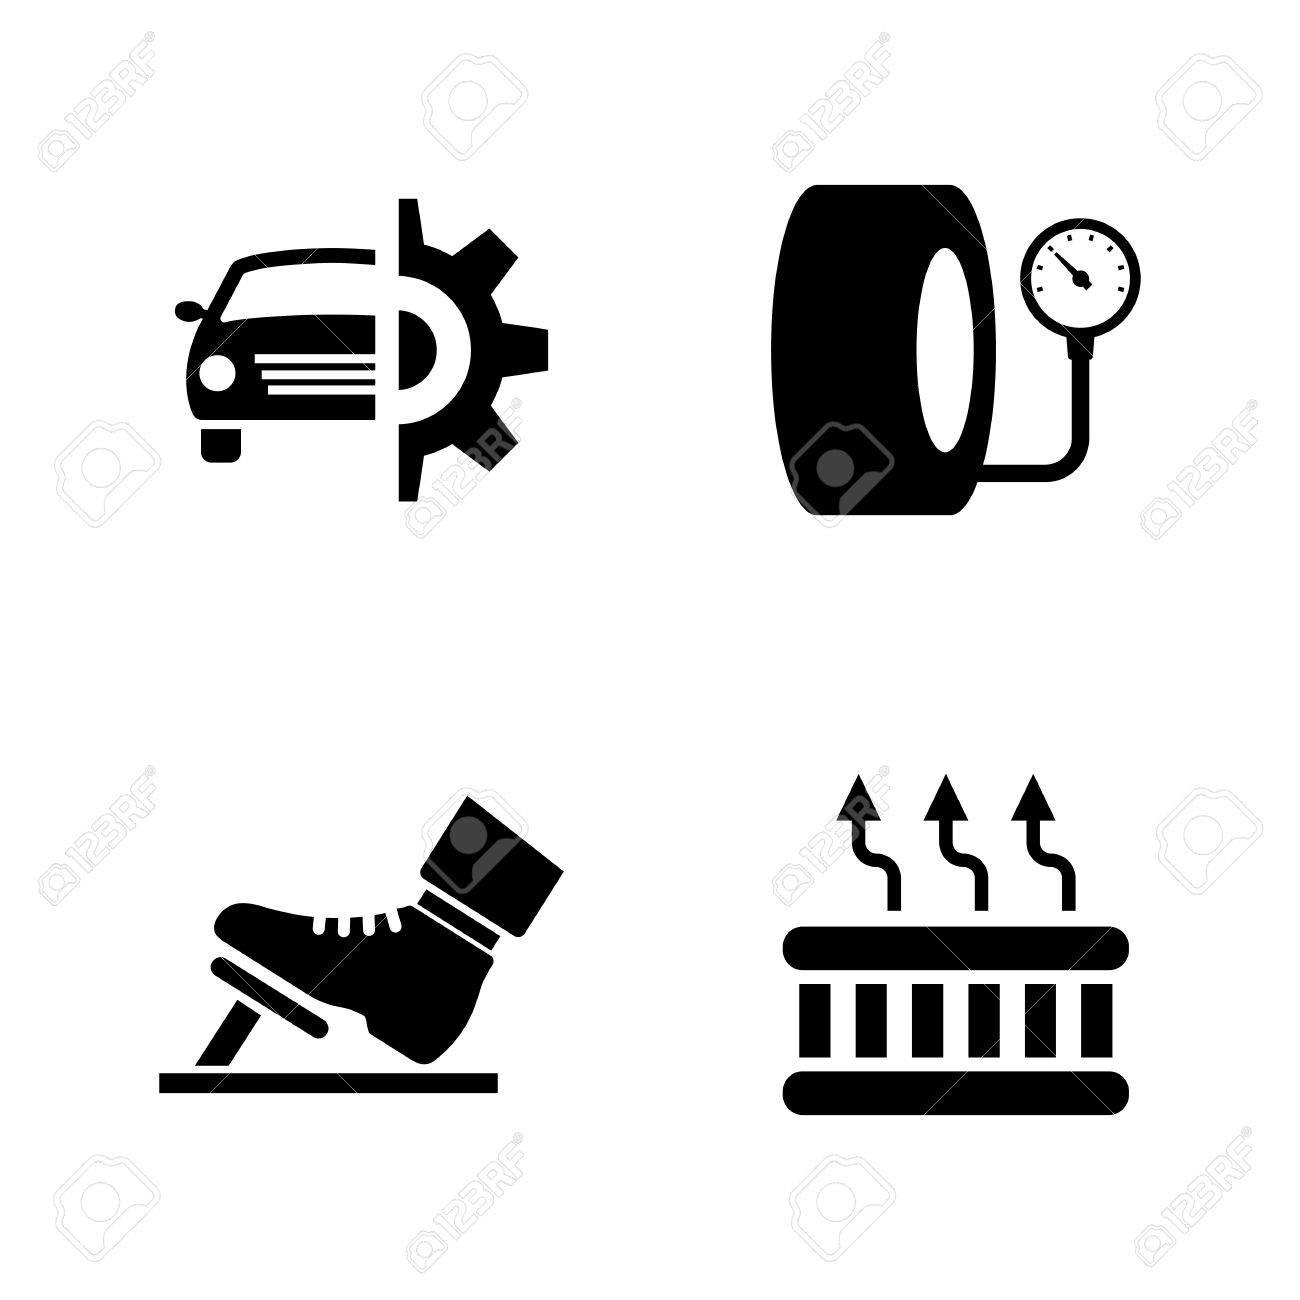 Autoteile. Einfache Verwandte Vektor-Icons Für Video, Mobile Apps ...